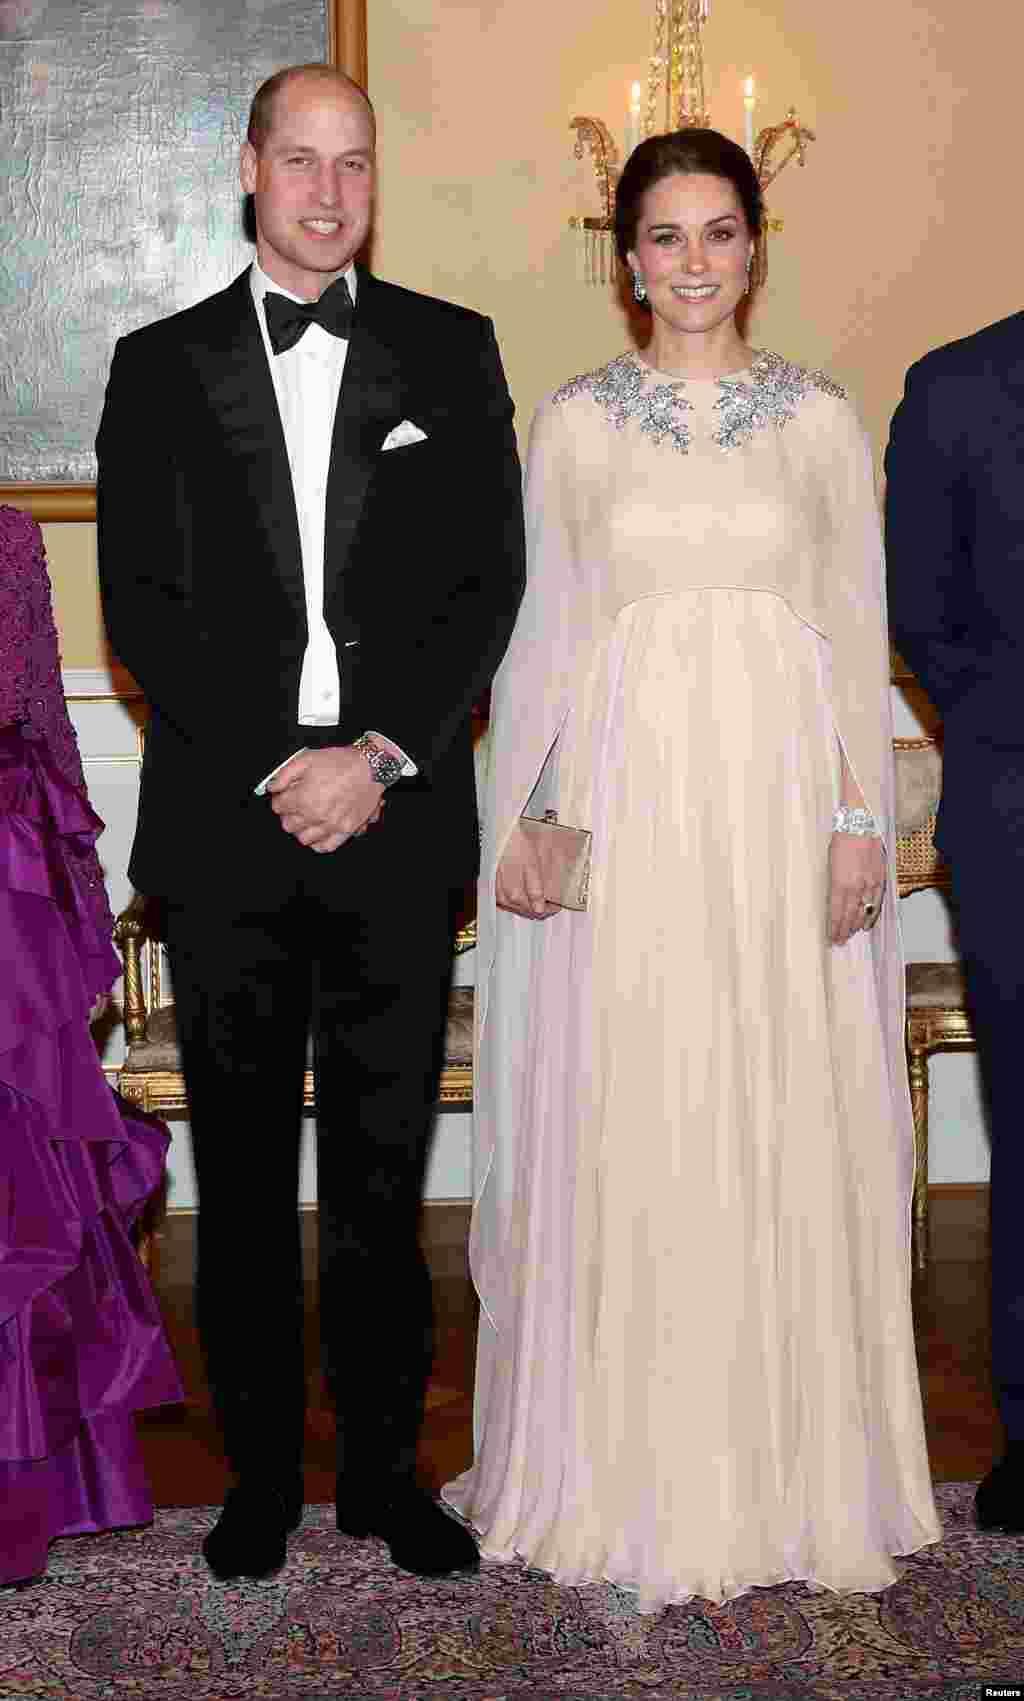 عکسی از «کیت میدلتون» و همسرش شاهزاده ویلیام از بریتانیا پیش از ضیافت شام در کاخ سلطنتی اسلو نروژ